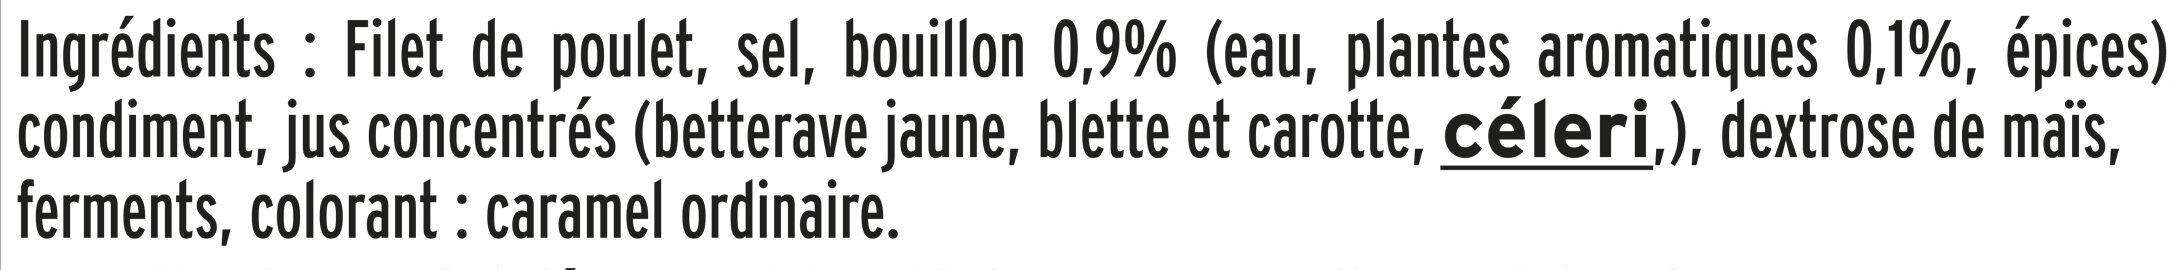 Filet de poulet rôti Halal - 6 tranches épaisses - Ingrédients - fr